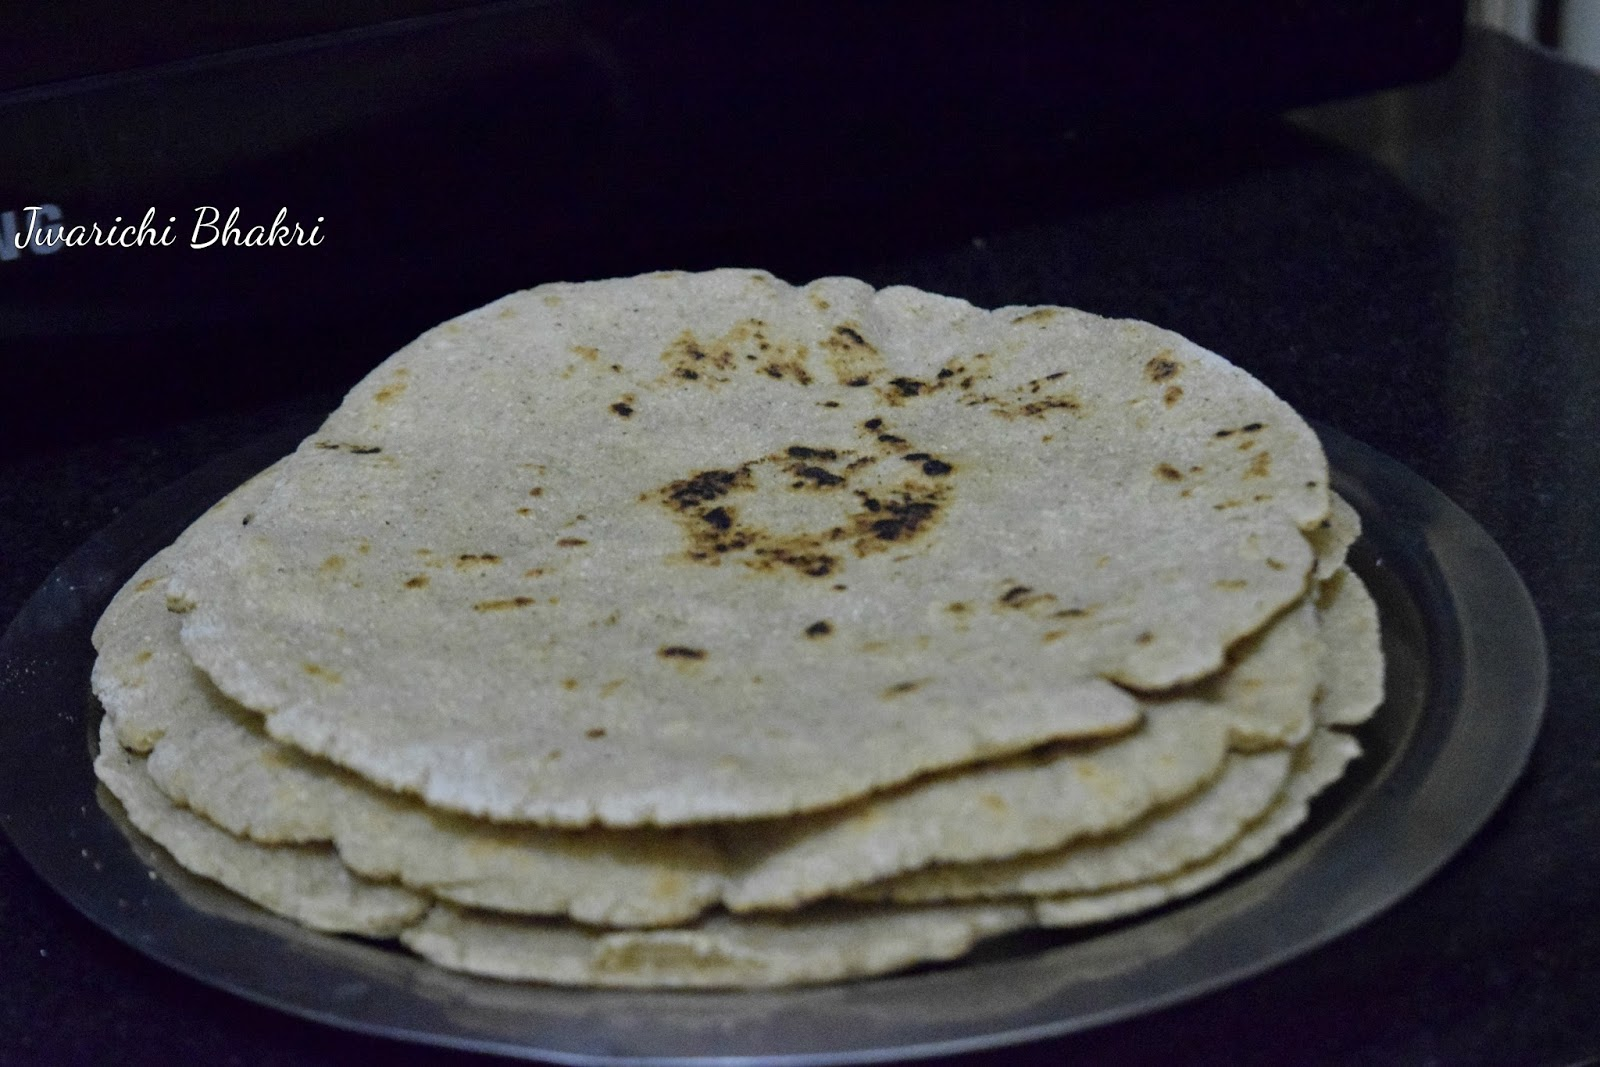 Jolada rotti recipe jowar roti recipe jowar bhakri recipe